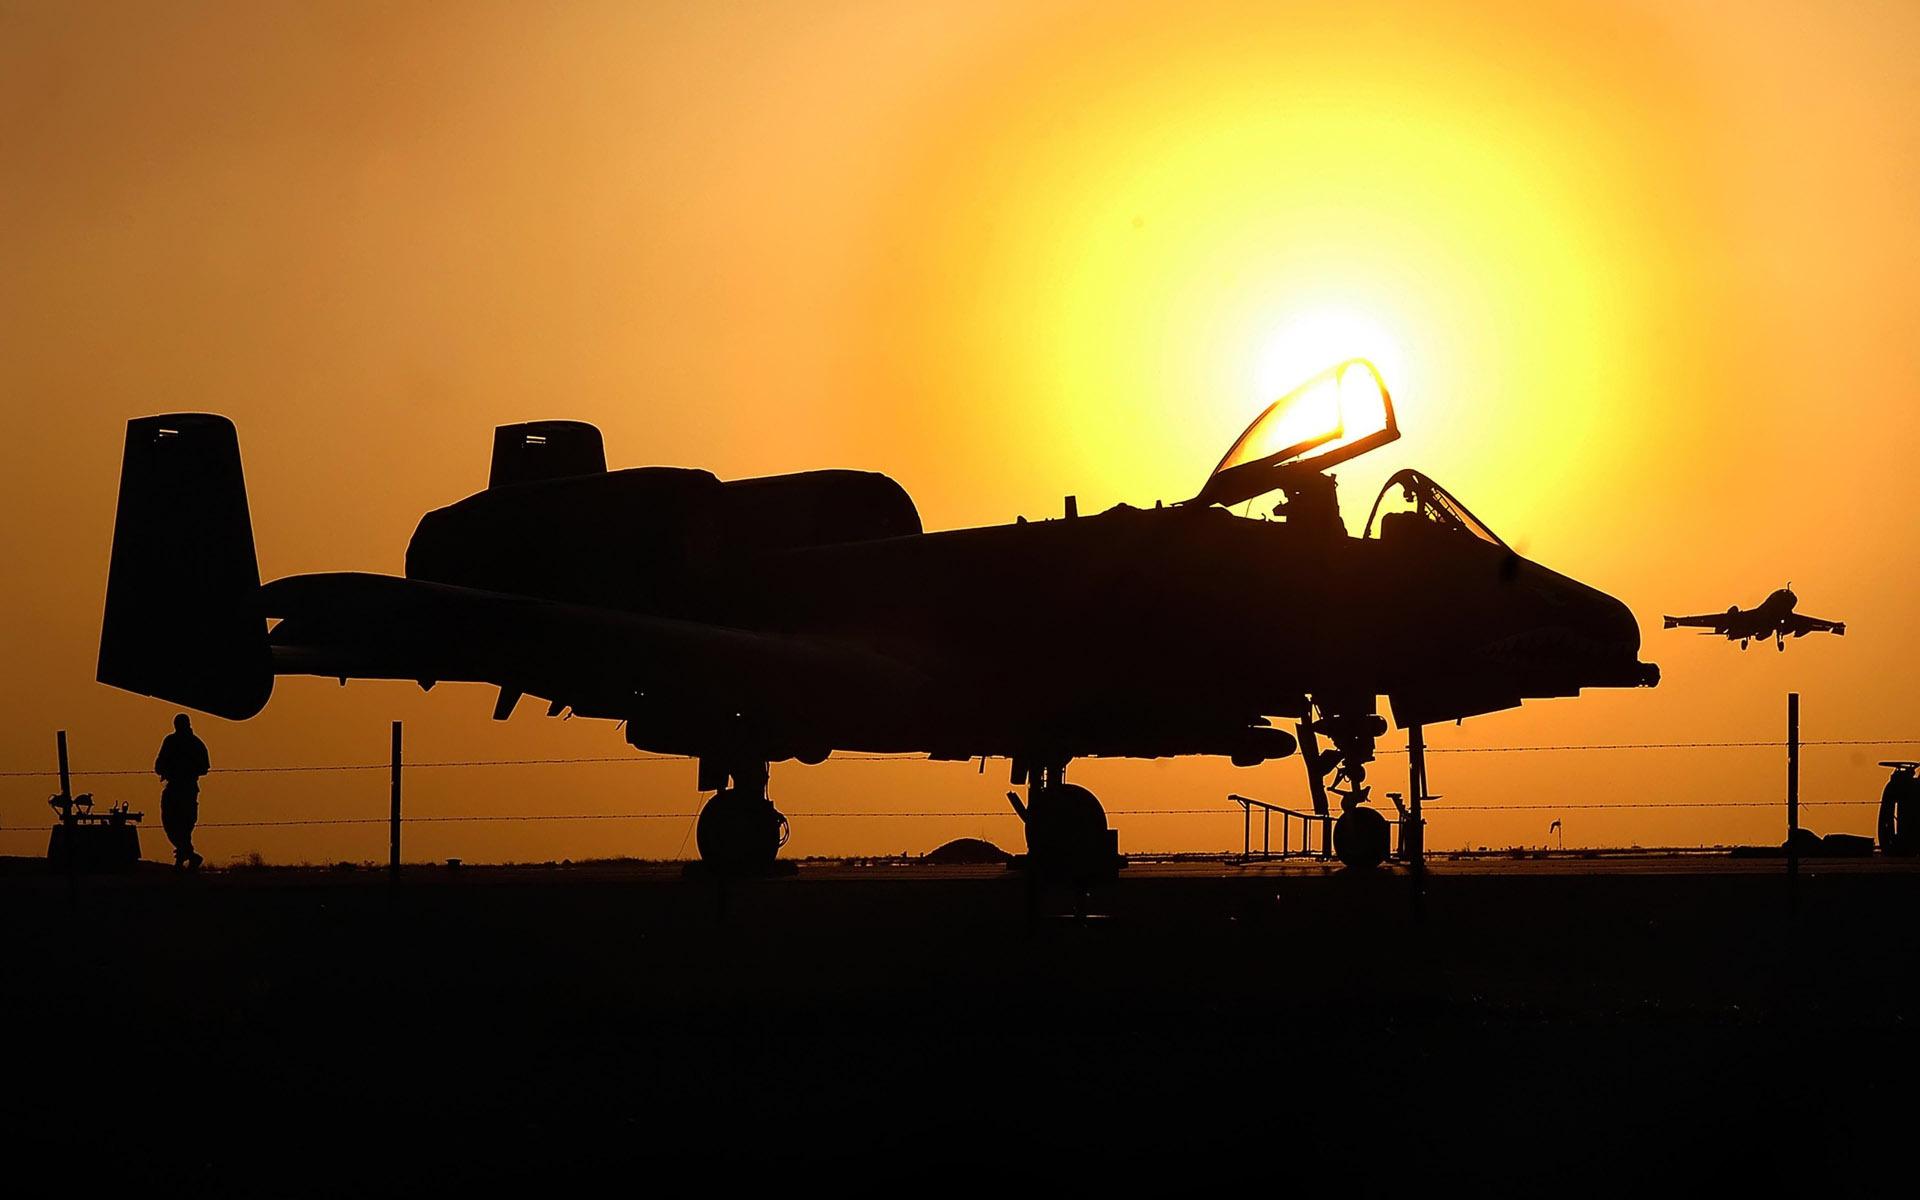 Закат, самолет, истребитель